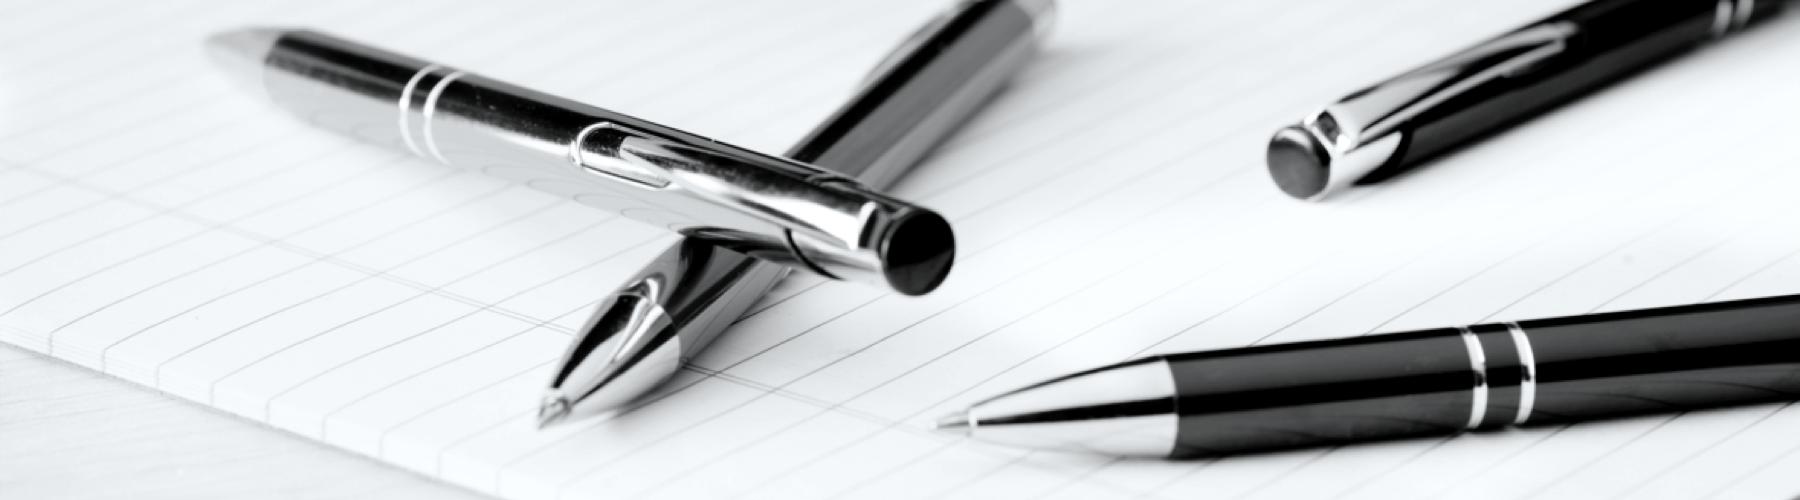 Por qué los bolígrafos corporativos son el regalo perfecto